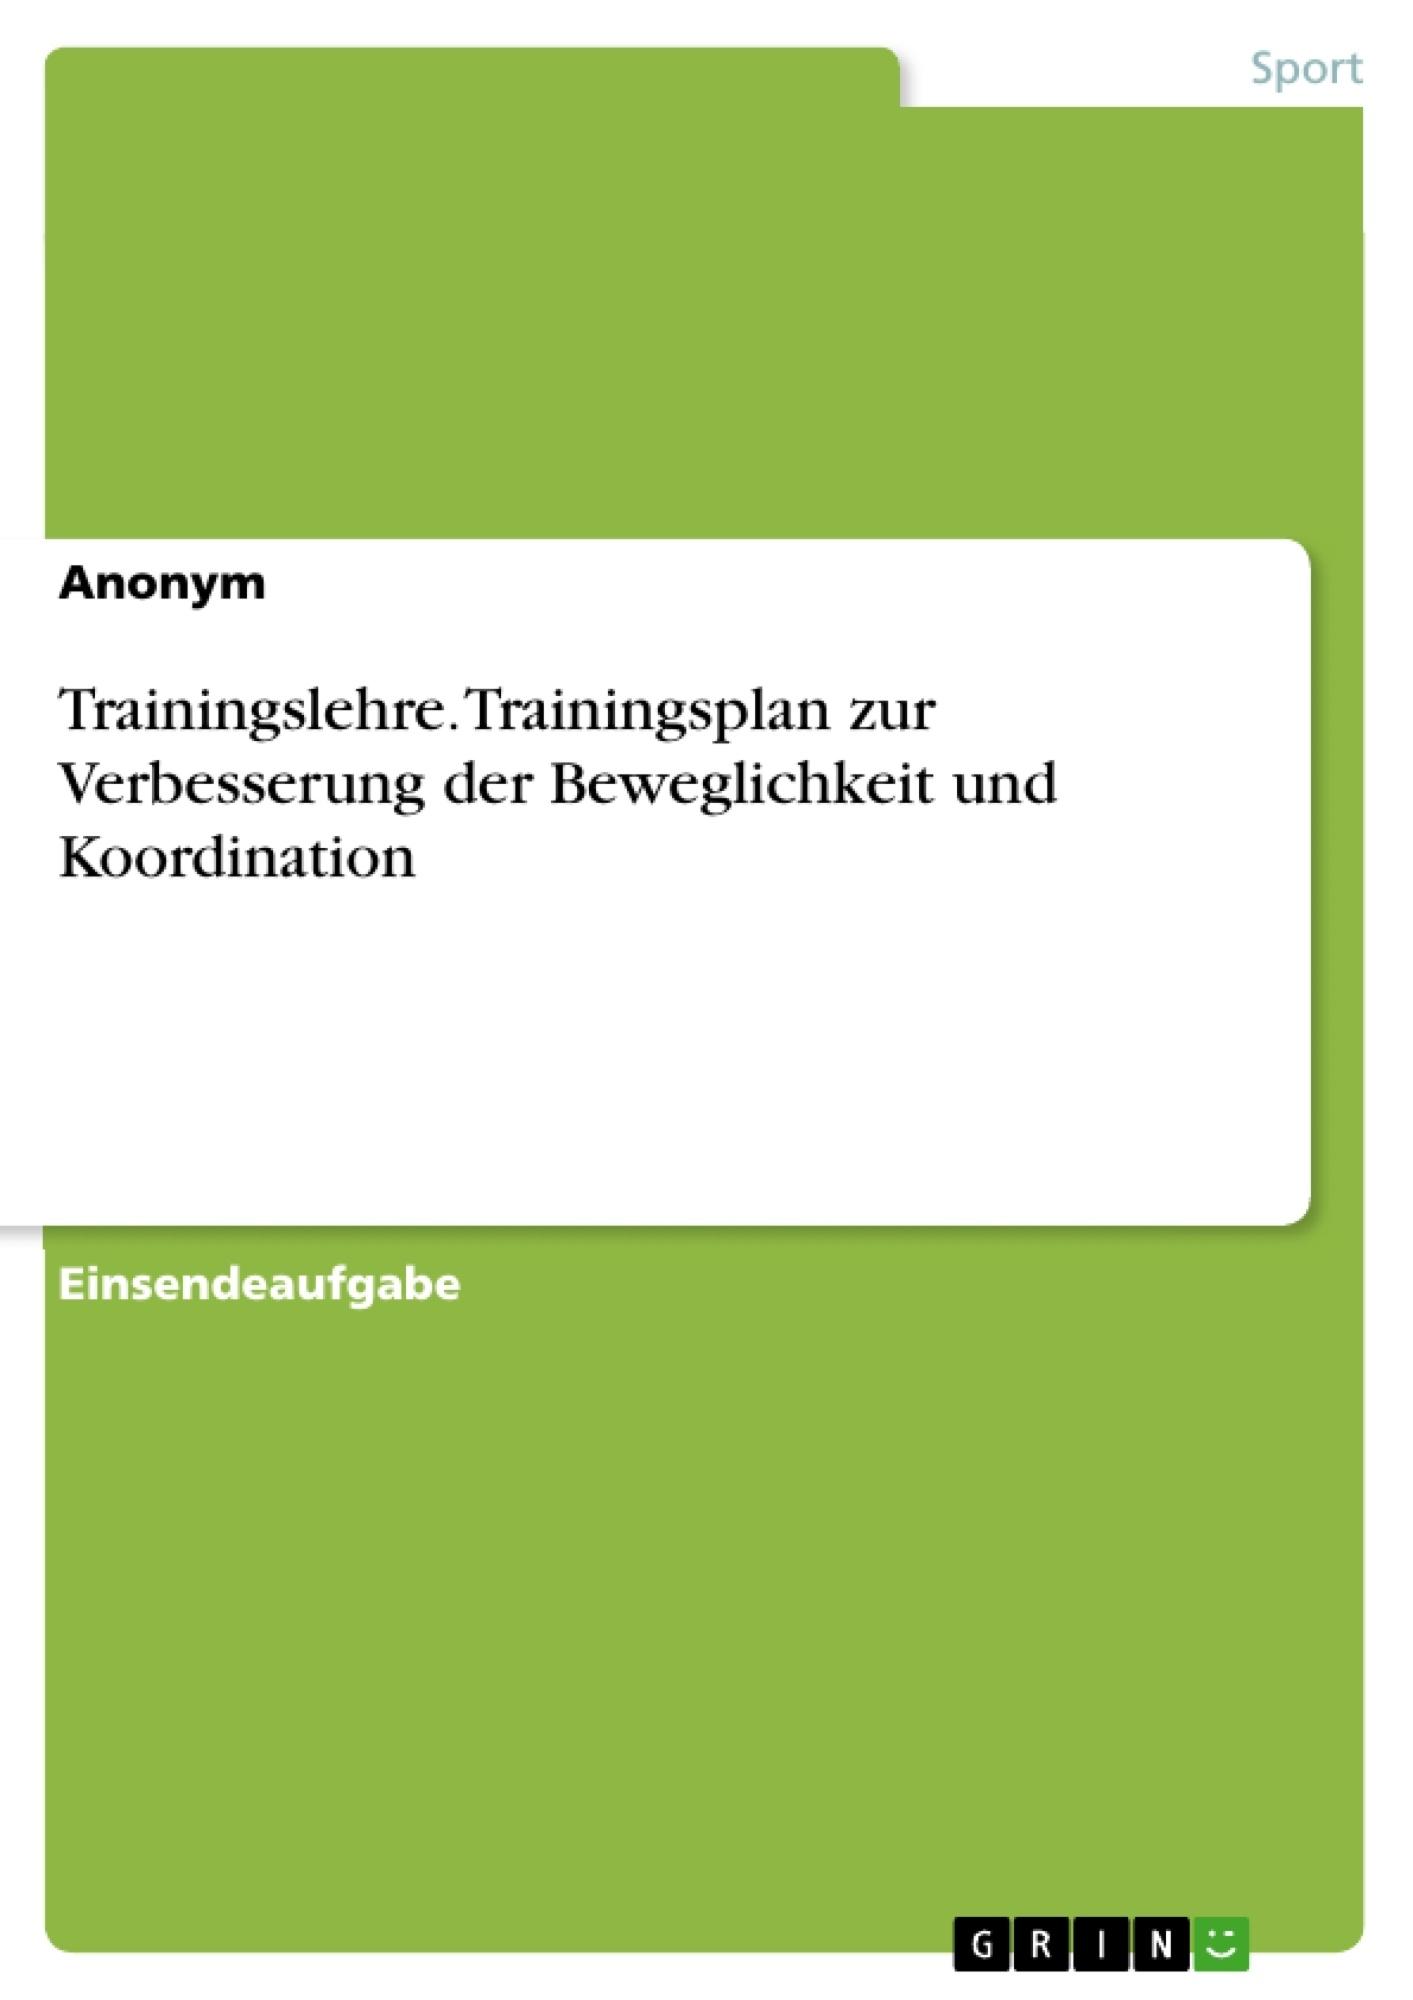 Titel: Trainingslehre. Trainingsplan zur Verbesserung der Beweglichkeit und Koordination